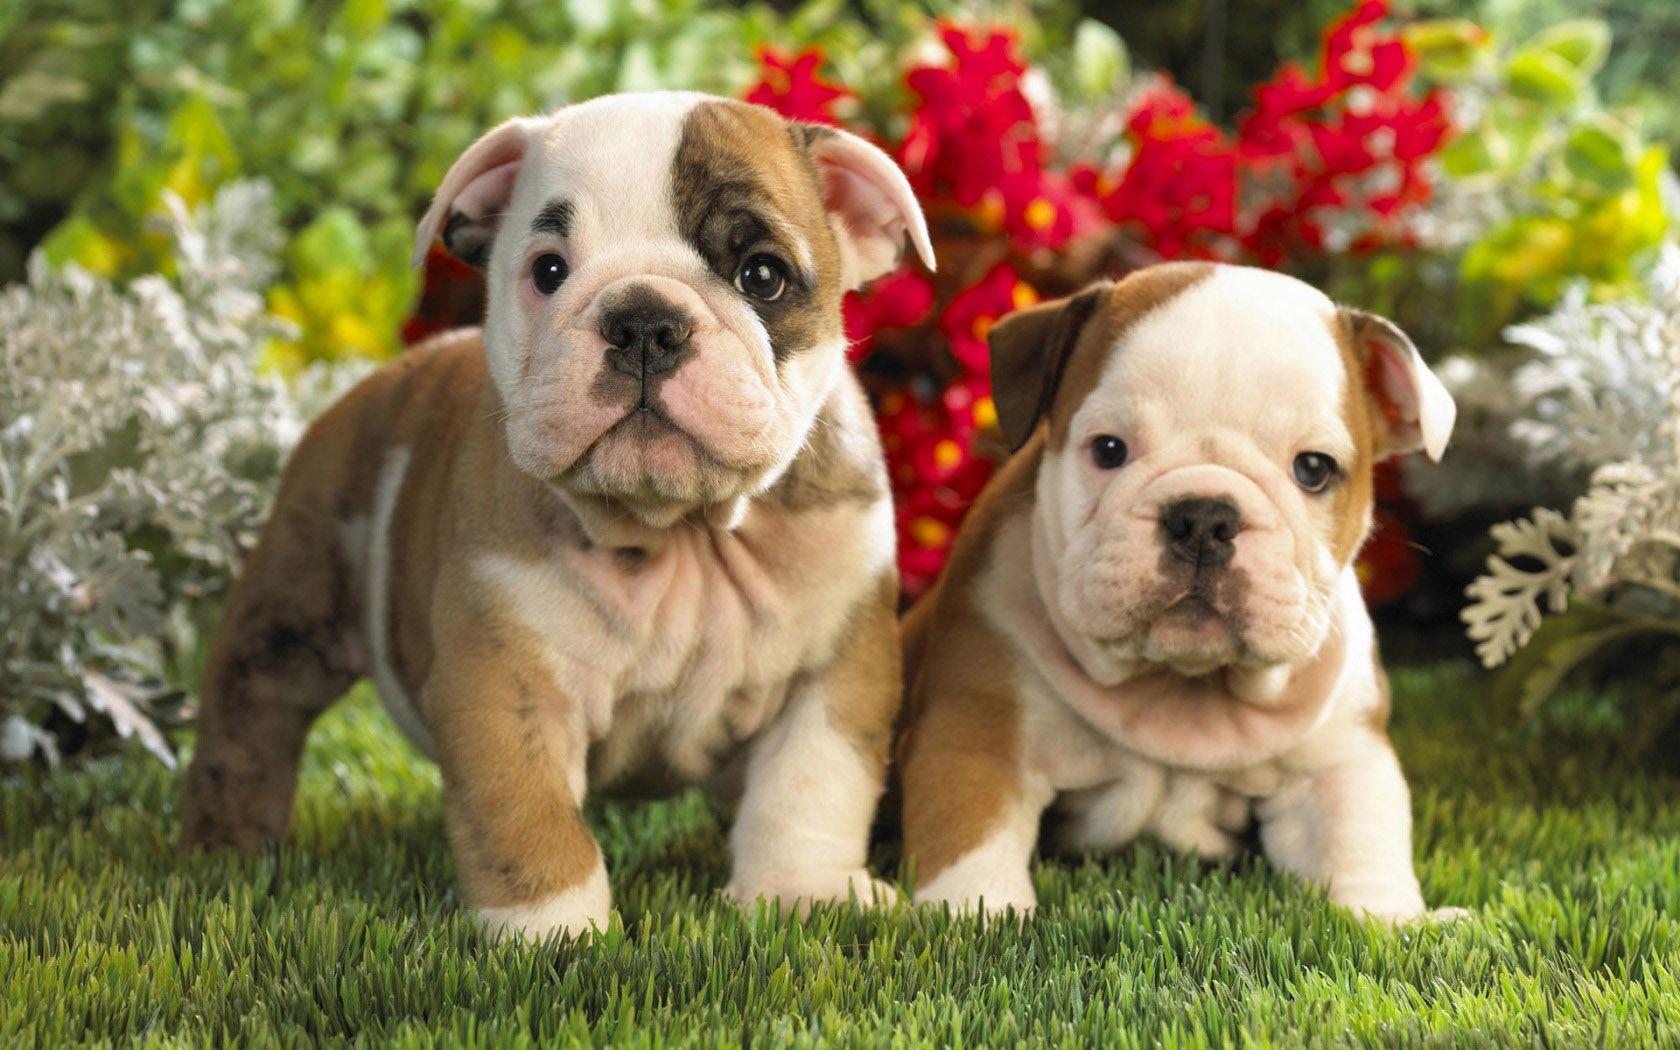 I Love The Babies Cute Bulldog Puppies English Bulldog Puppies